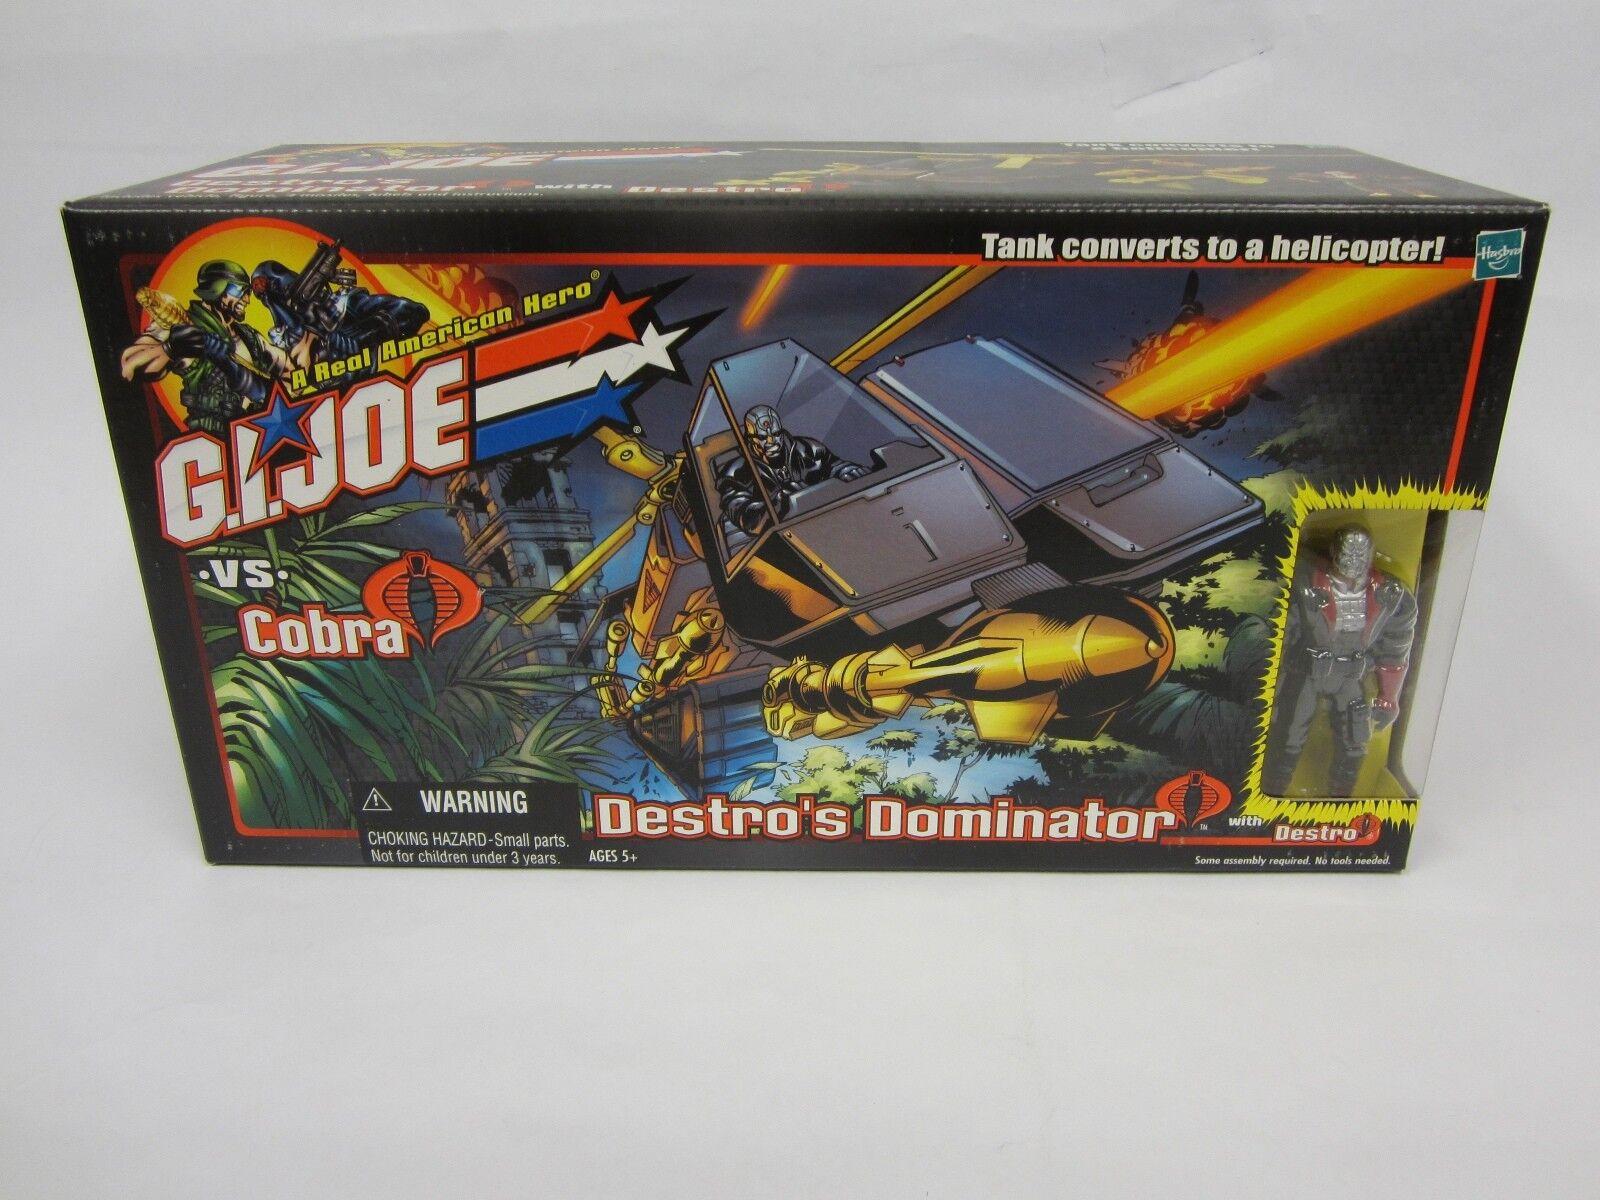 2001 HASBRO G.I. JOE VS COBRA DESTRO'S DOMINATOR HELICOPTER TANK MISB W  DESTRO